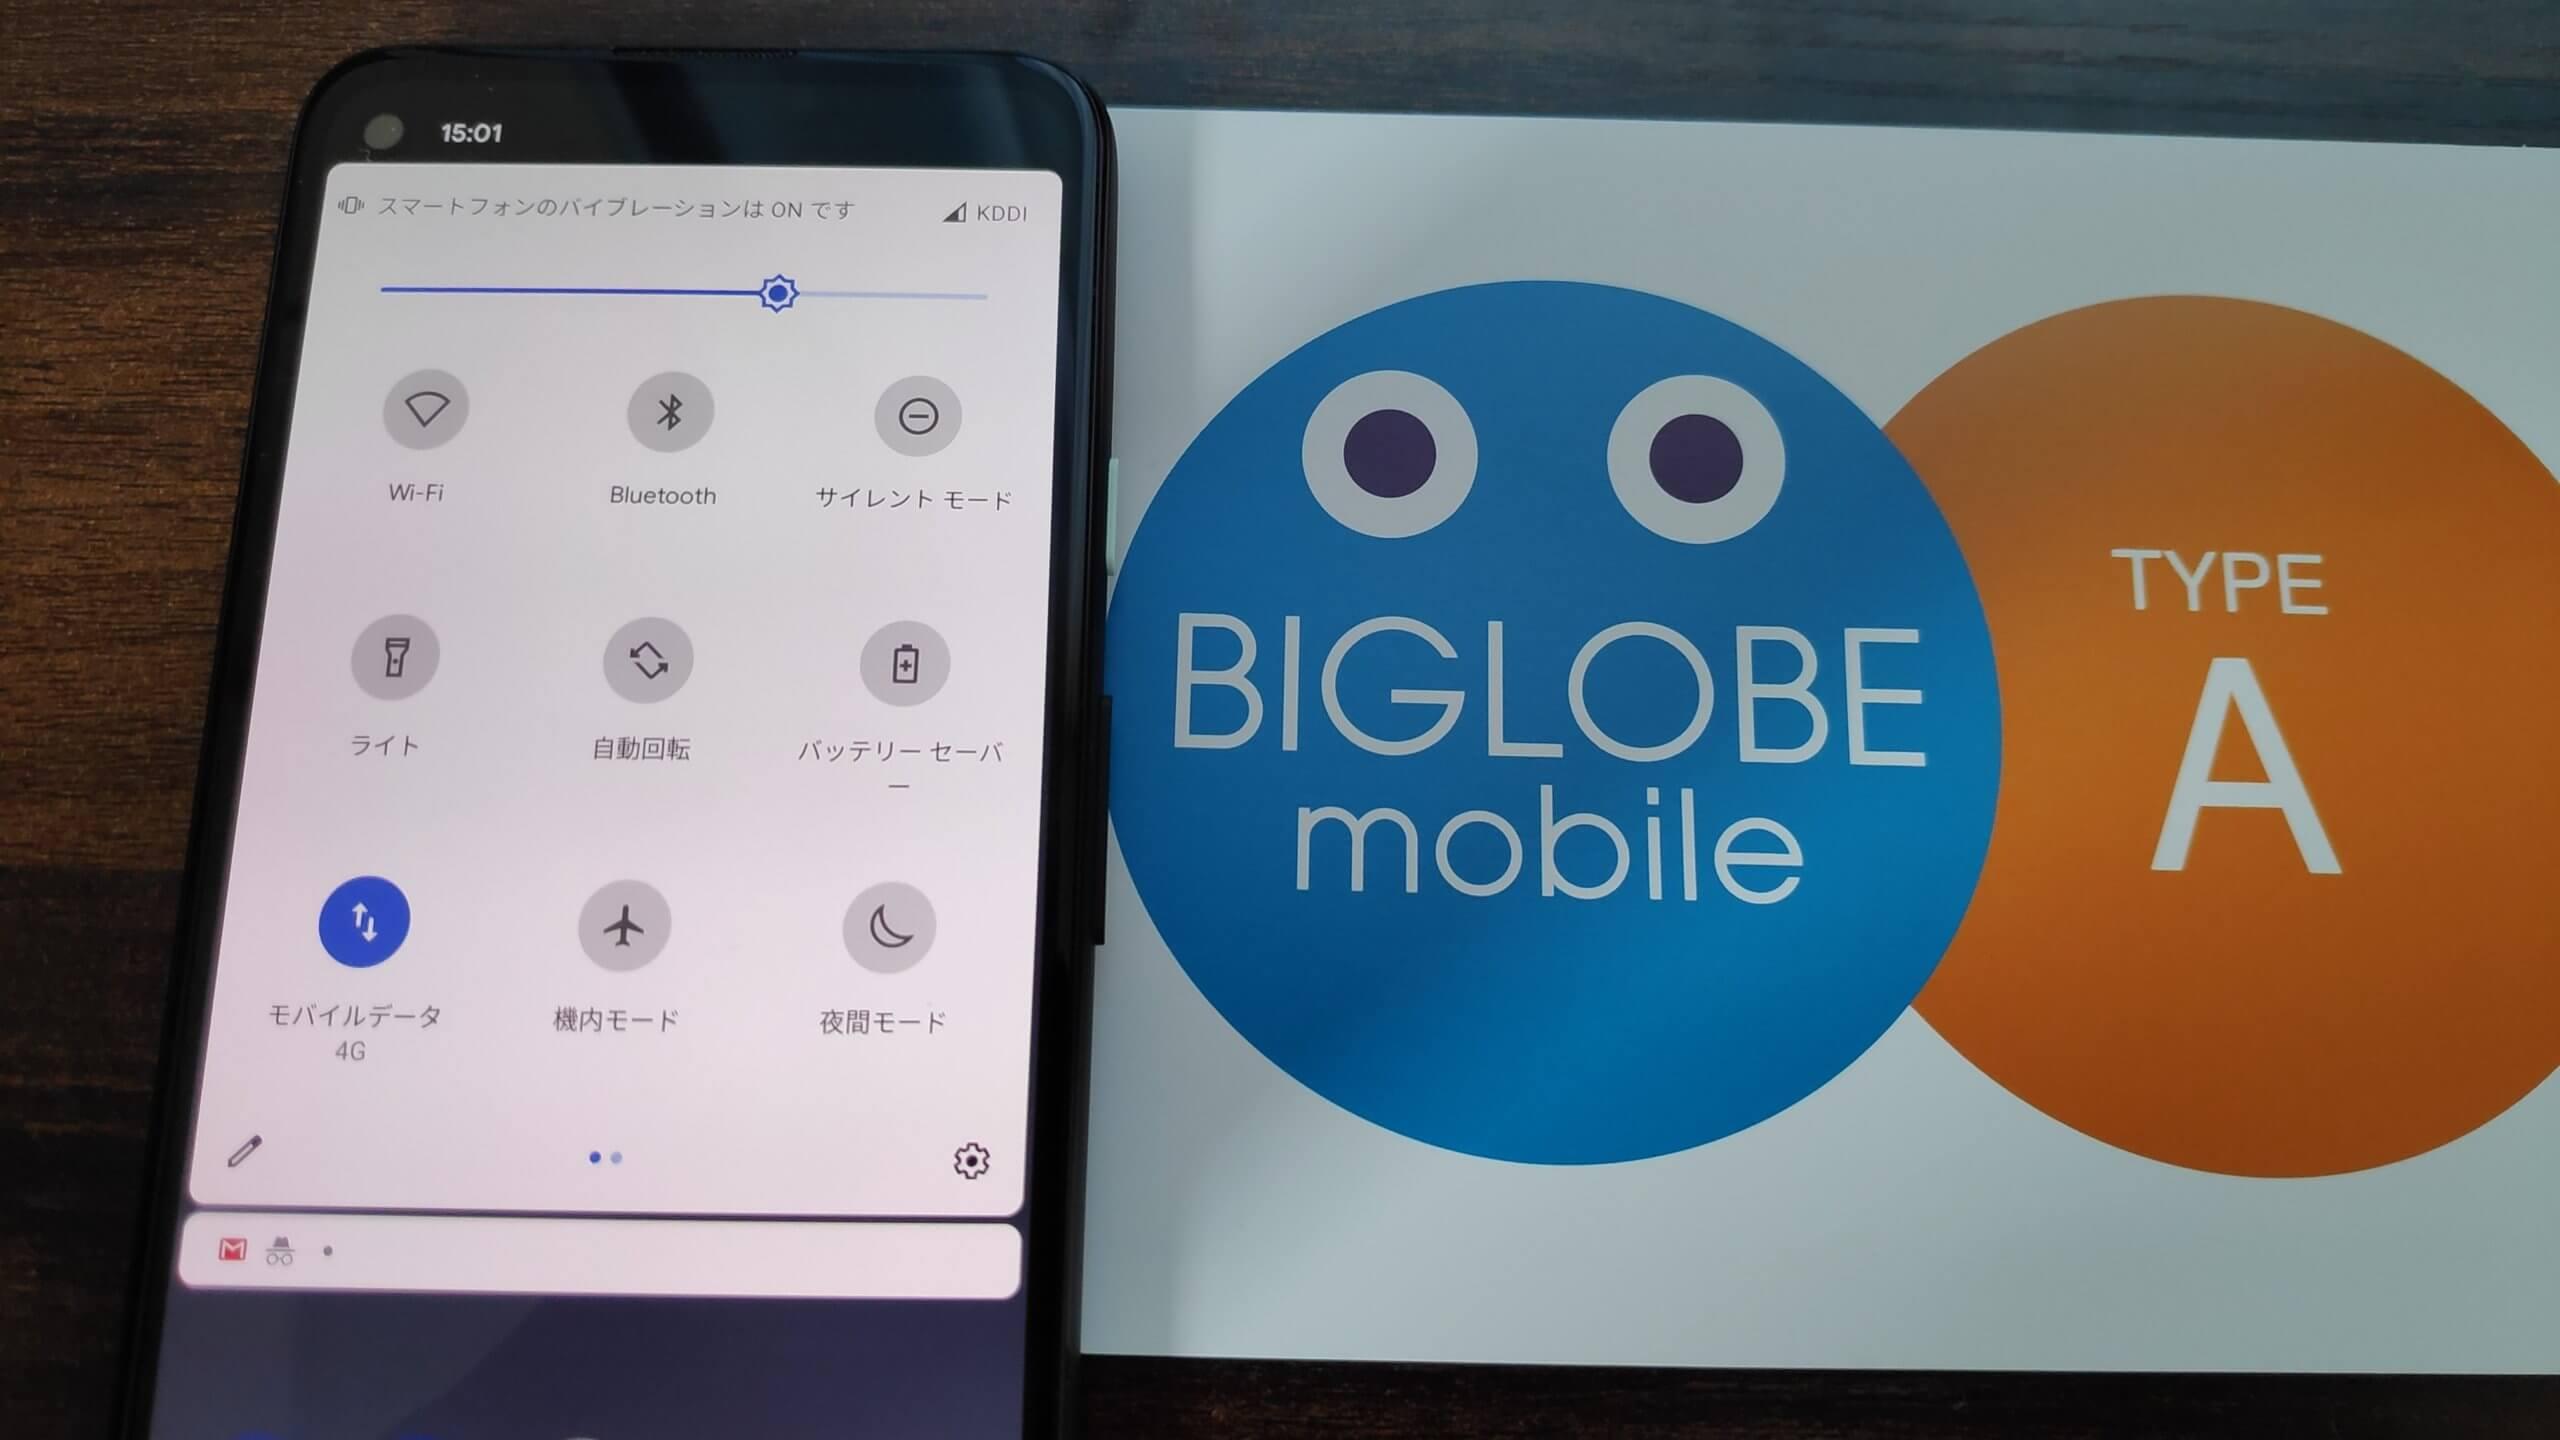 BIGLOBEモバイルのAプラン(au回線)でGoogle Pixel 4a